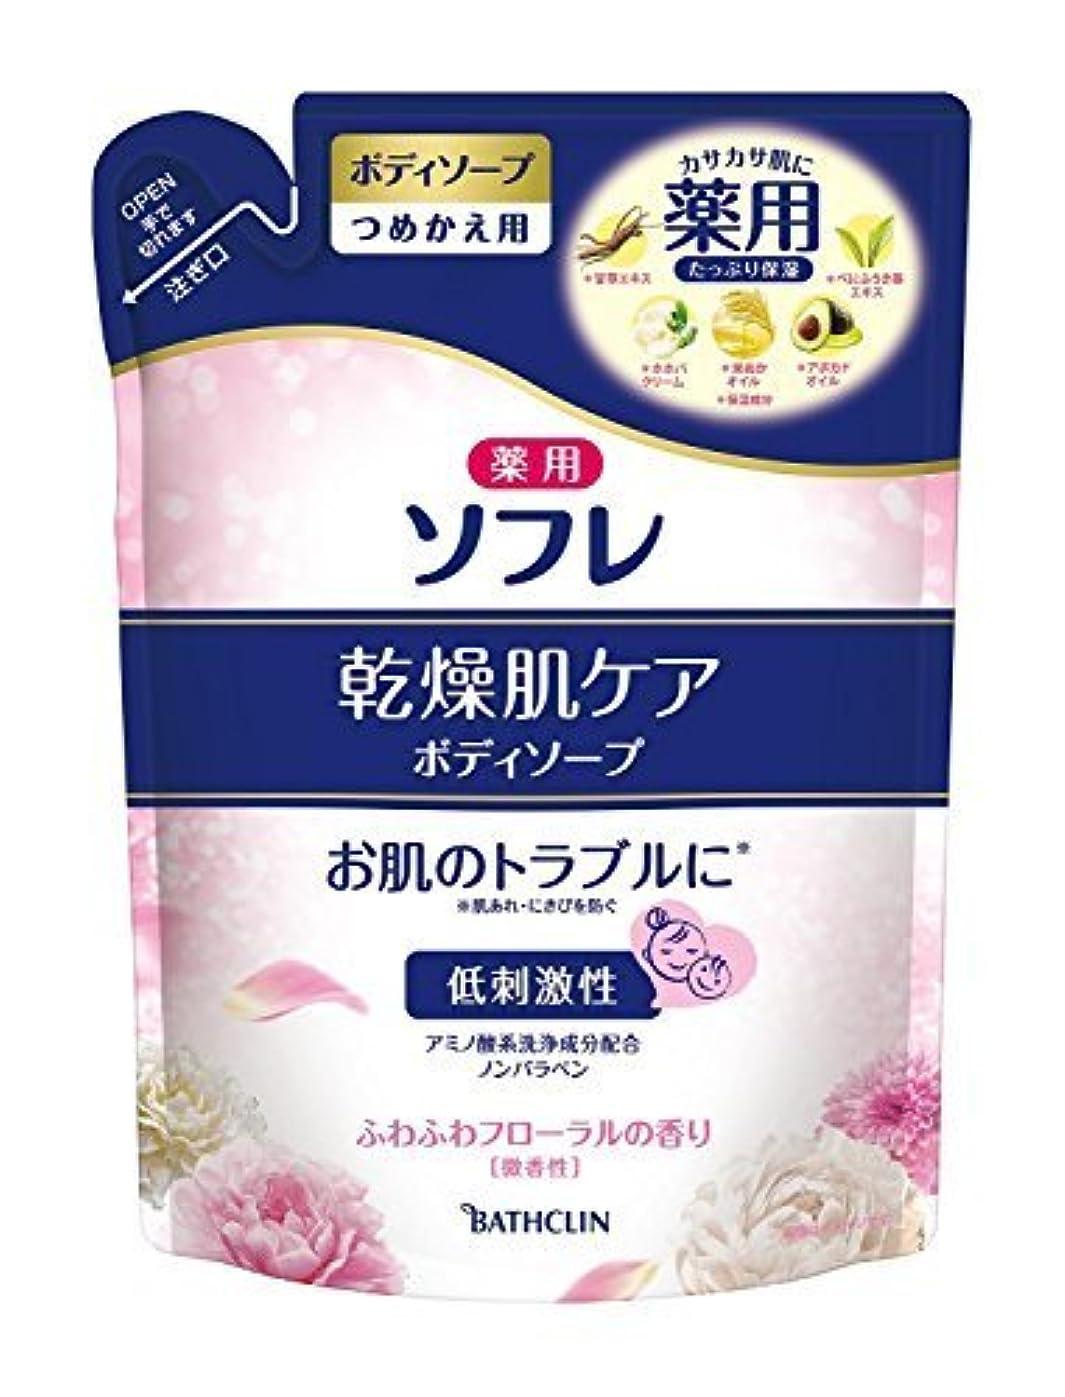 ポルティコ粒ロードされた薬用ソフレ 乾燥肌ケアボディ詰替 × 10個セット